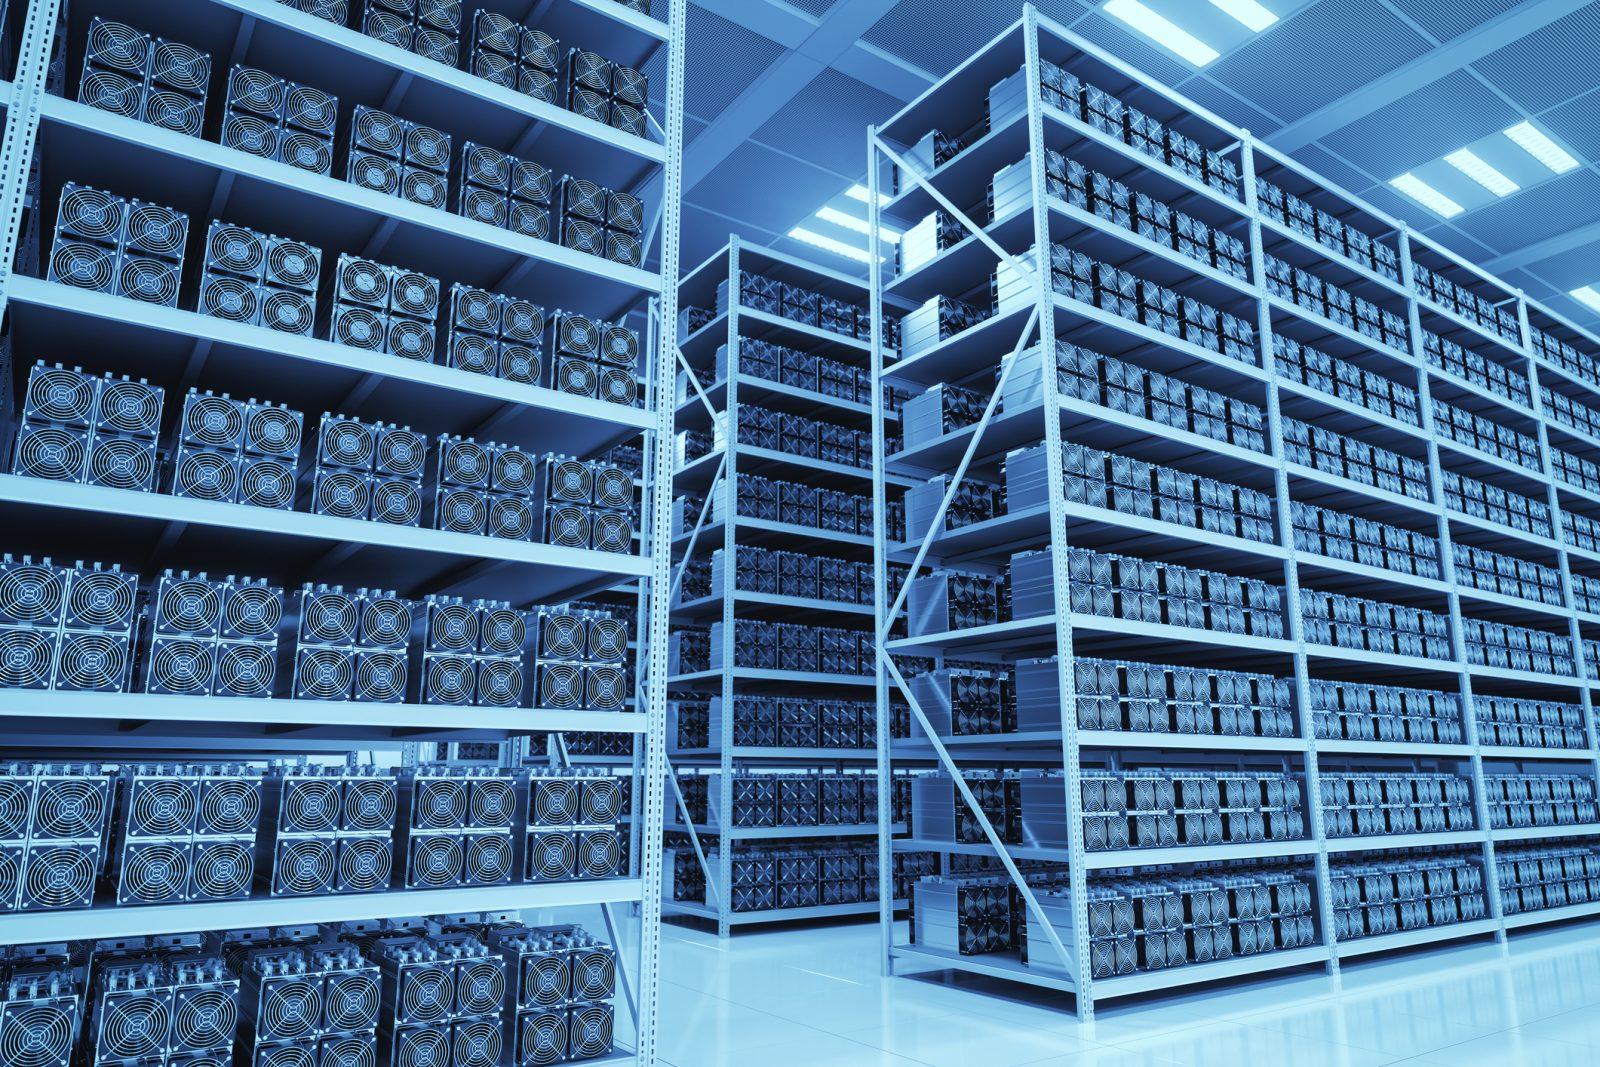 bitcoin farm بیتکوین را فراموش کنید، در جهان دیوانهوار رمزارزهای جایگزین چه میگذرد؟ اخبار IT